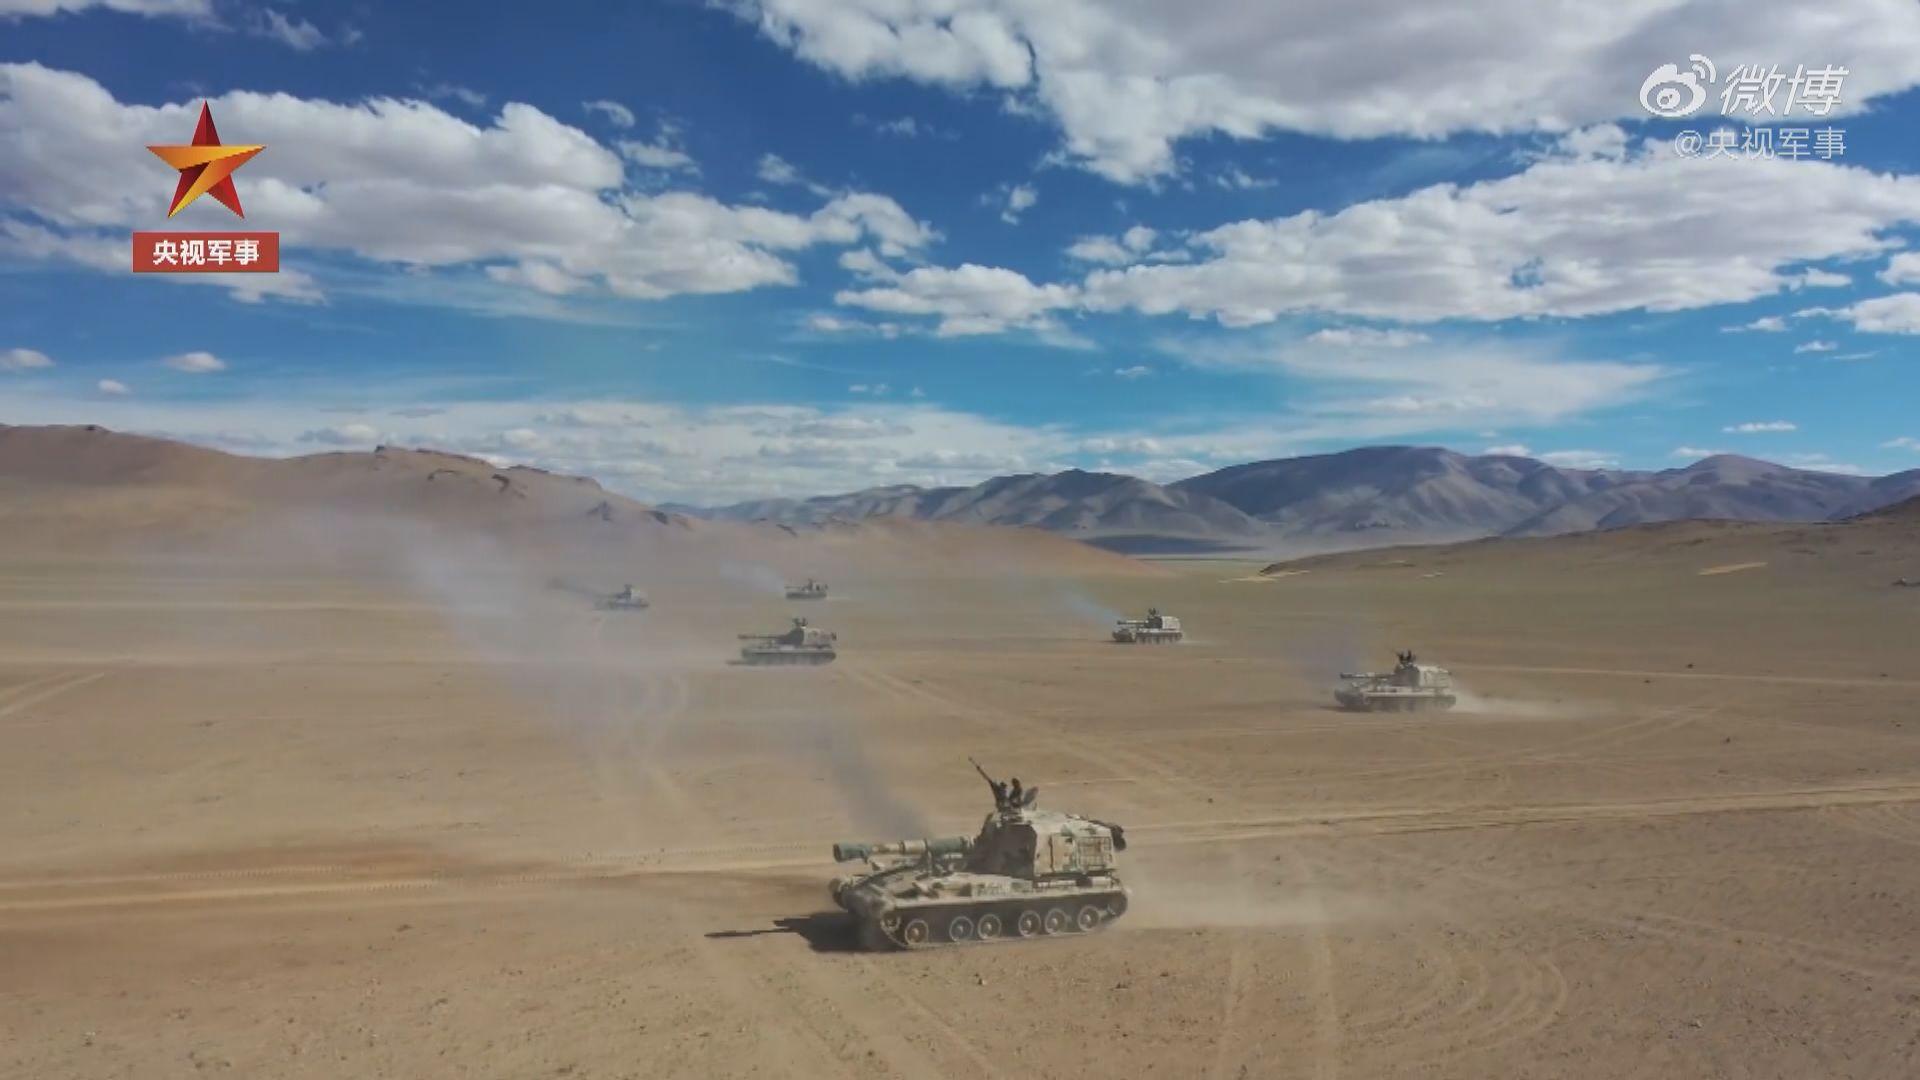 解放軍高原作實彈演習 或為中印衝突做準備